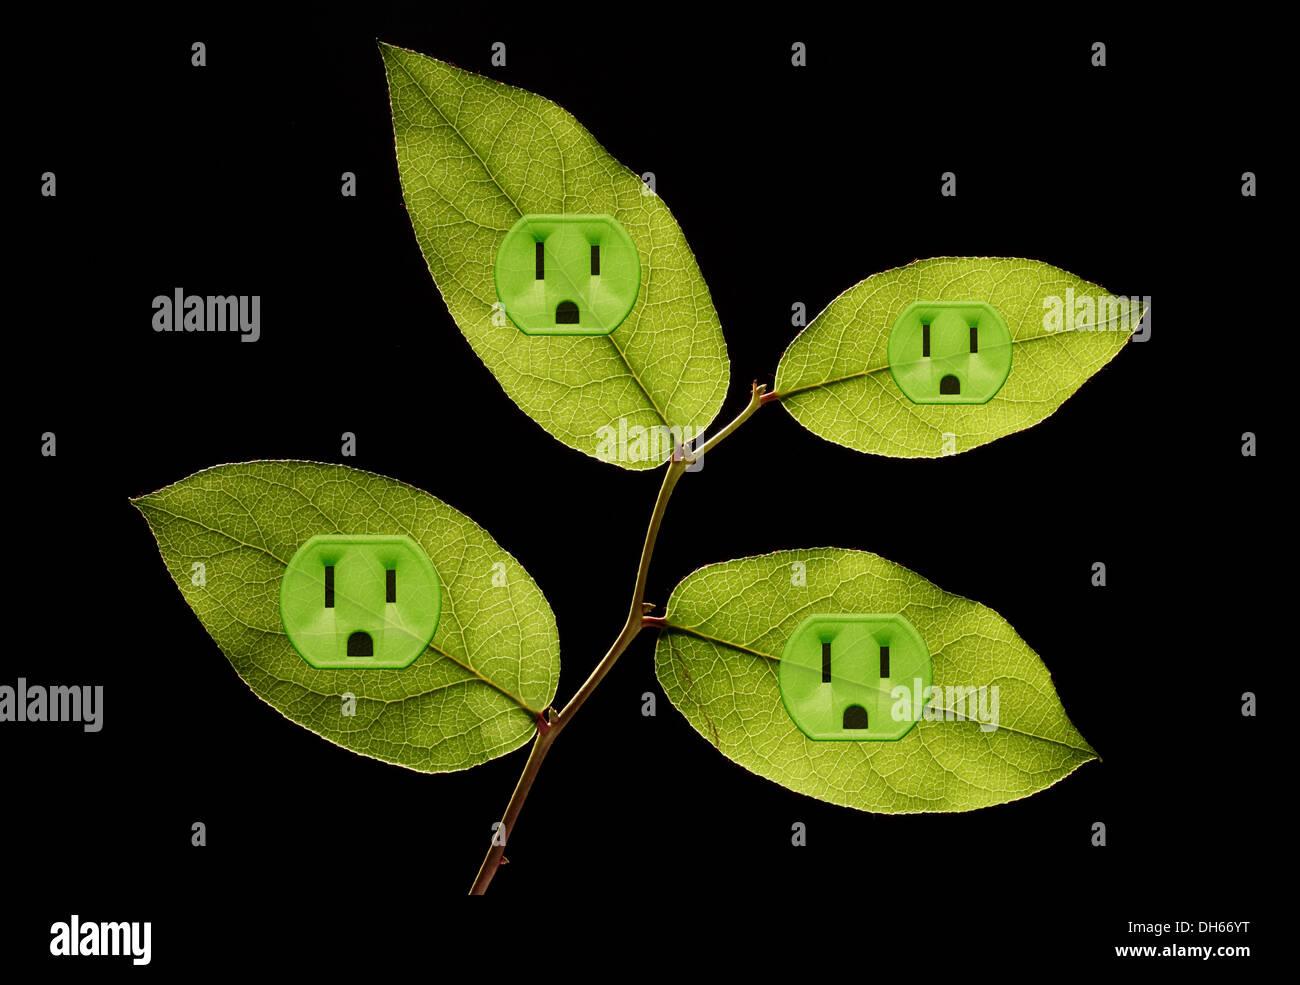 Quatre feuilles des plantes vertes avec des prises électriques de couleur verte ajouté. Fond noir Photo Stock